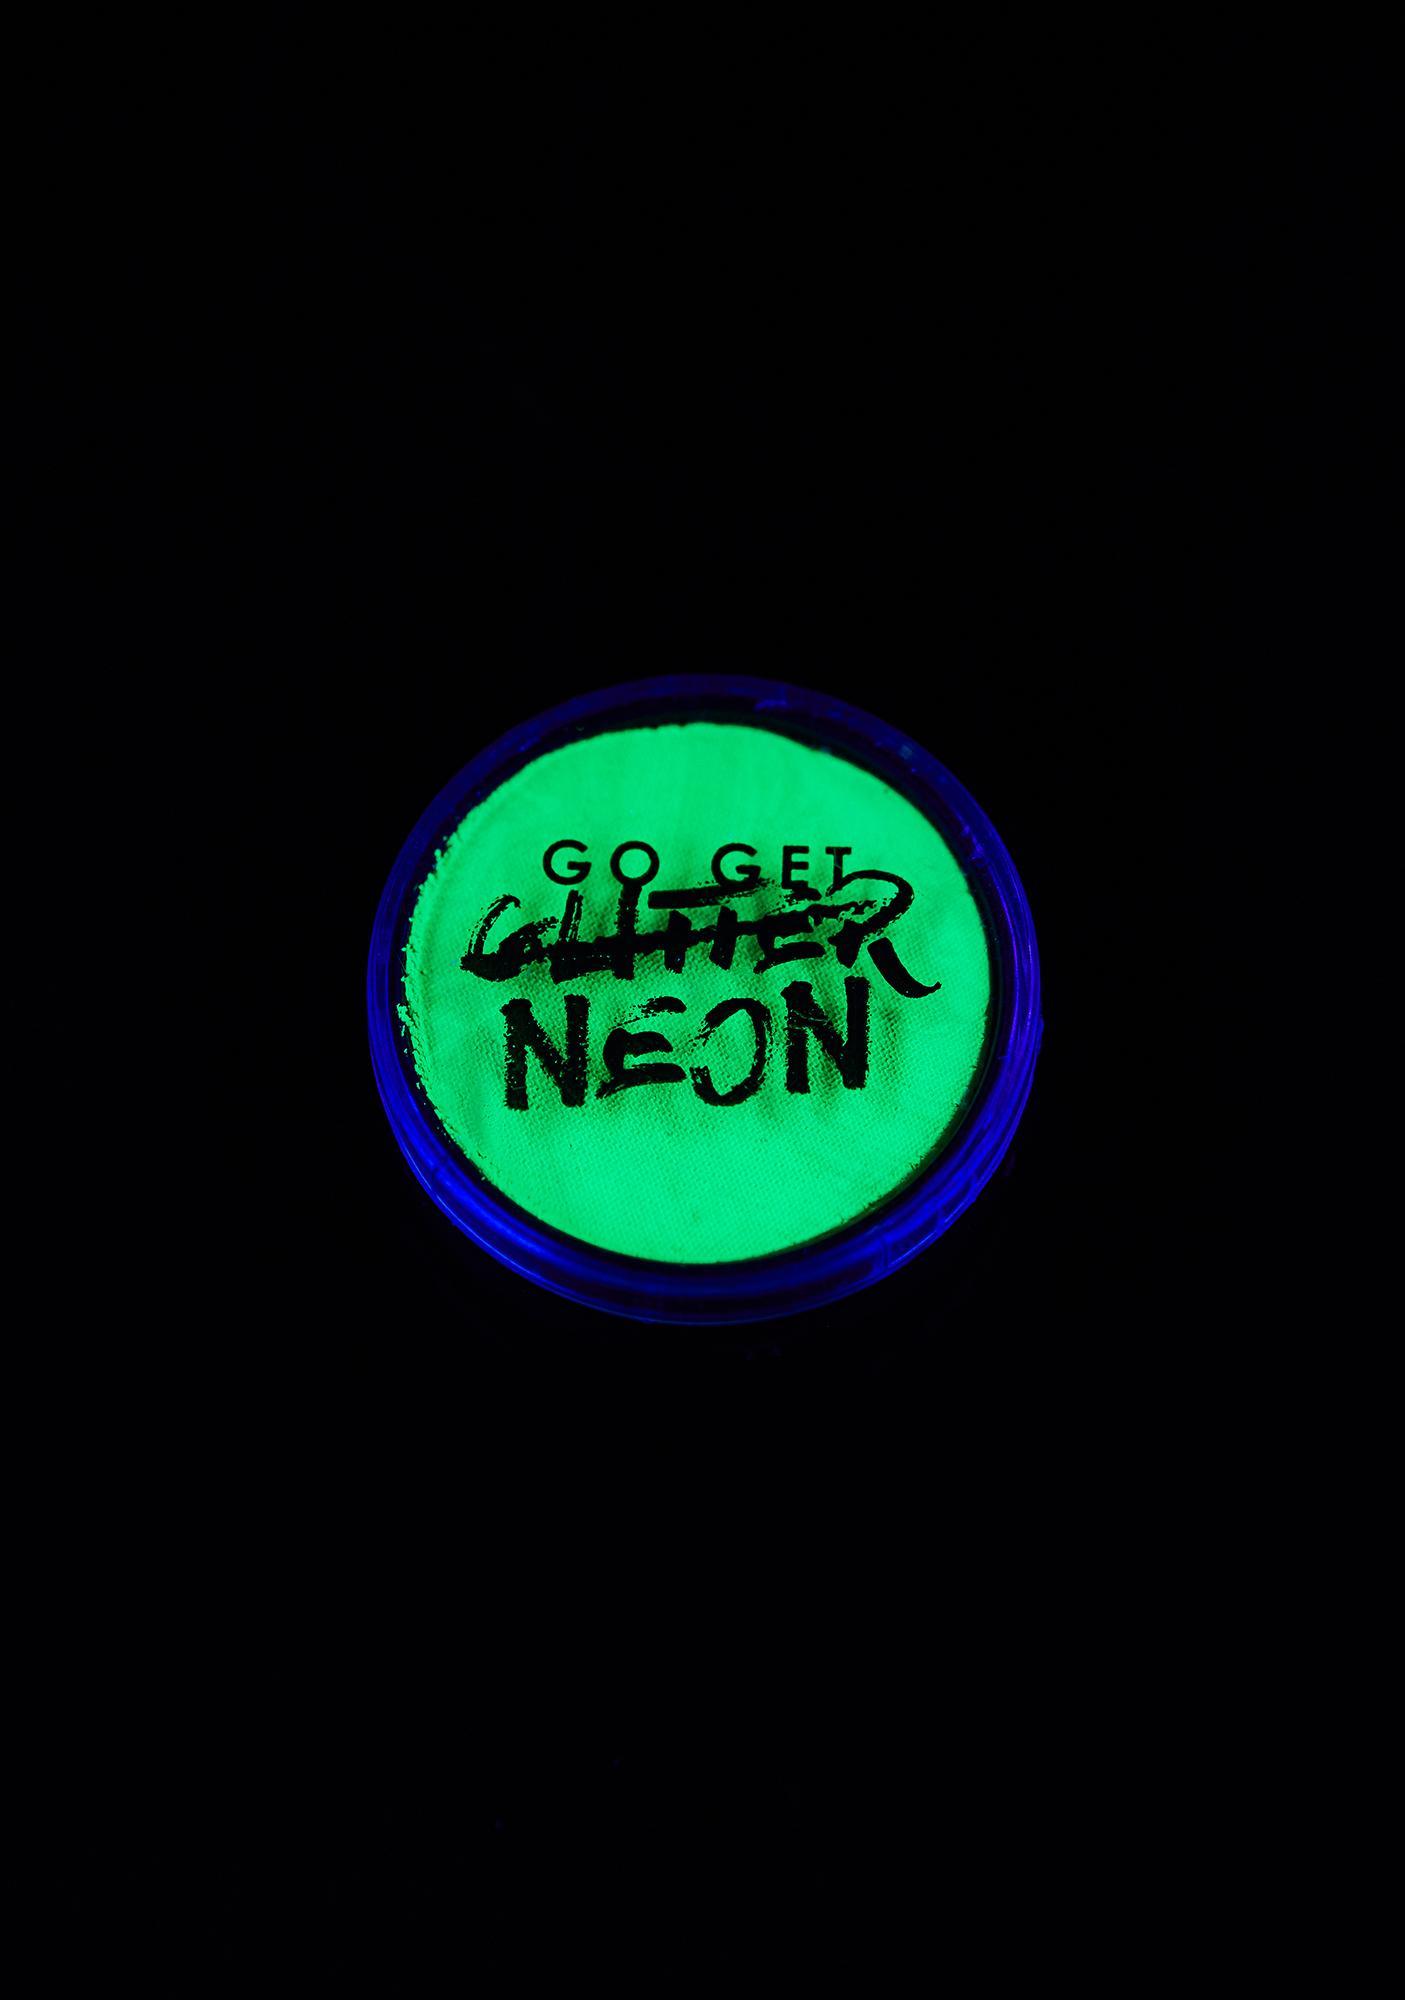 Go Get Glitter Absinthe Neon Face N' Body Paint Pot